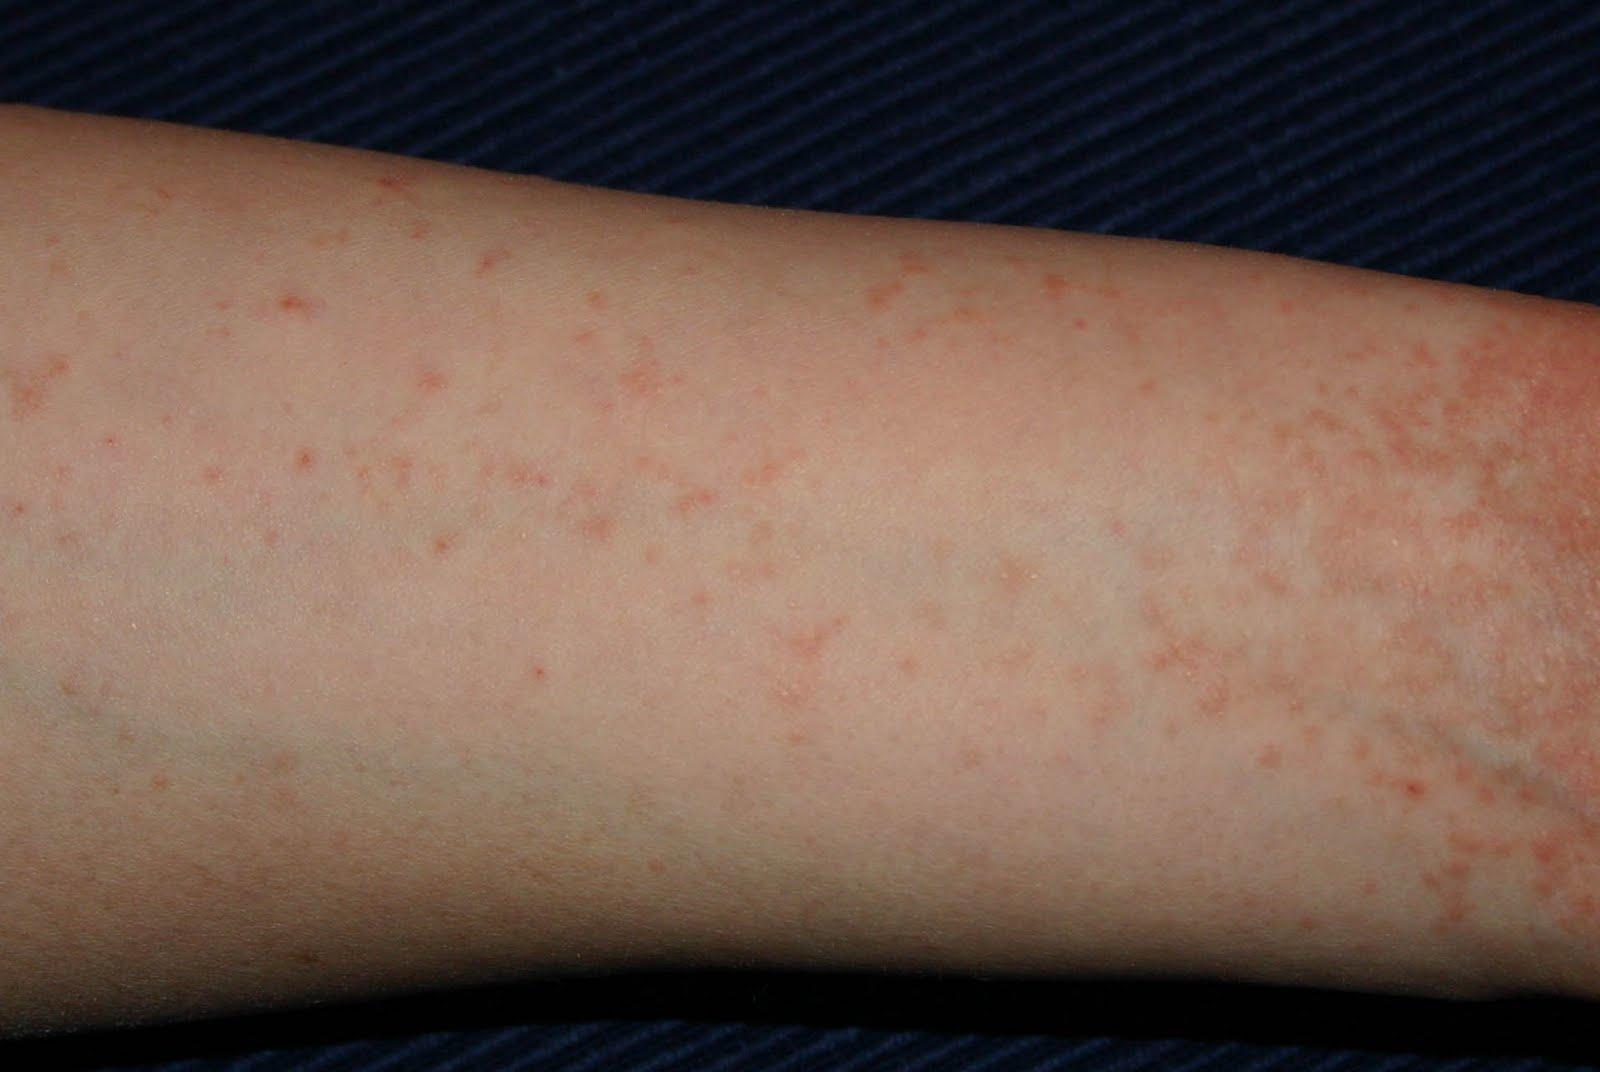 fájt a lába, majd vörös foltok jelentek meg enzimatikus készítményei pikkelysömör